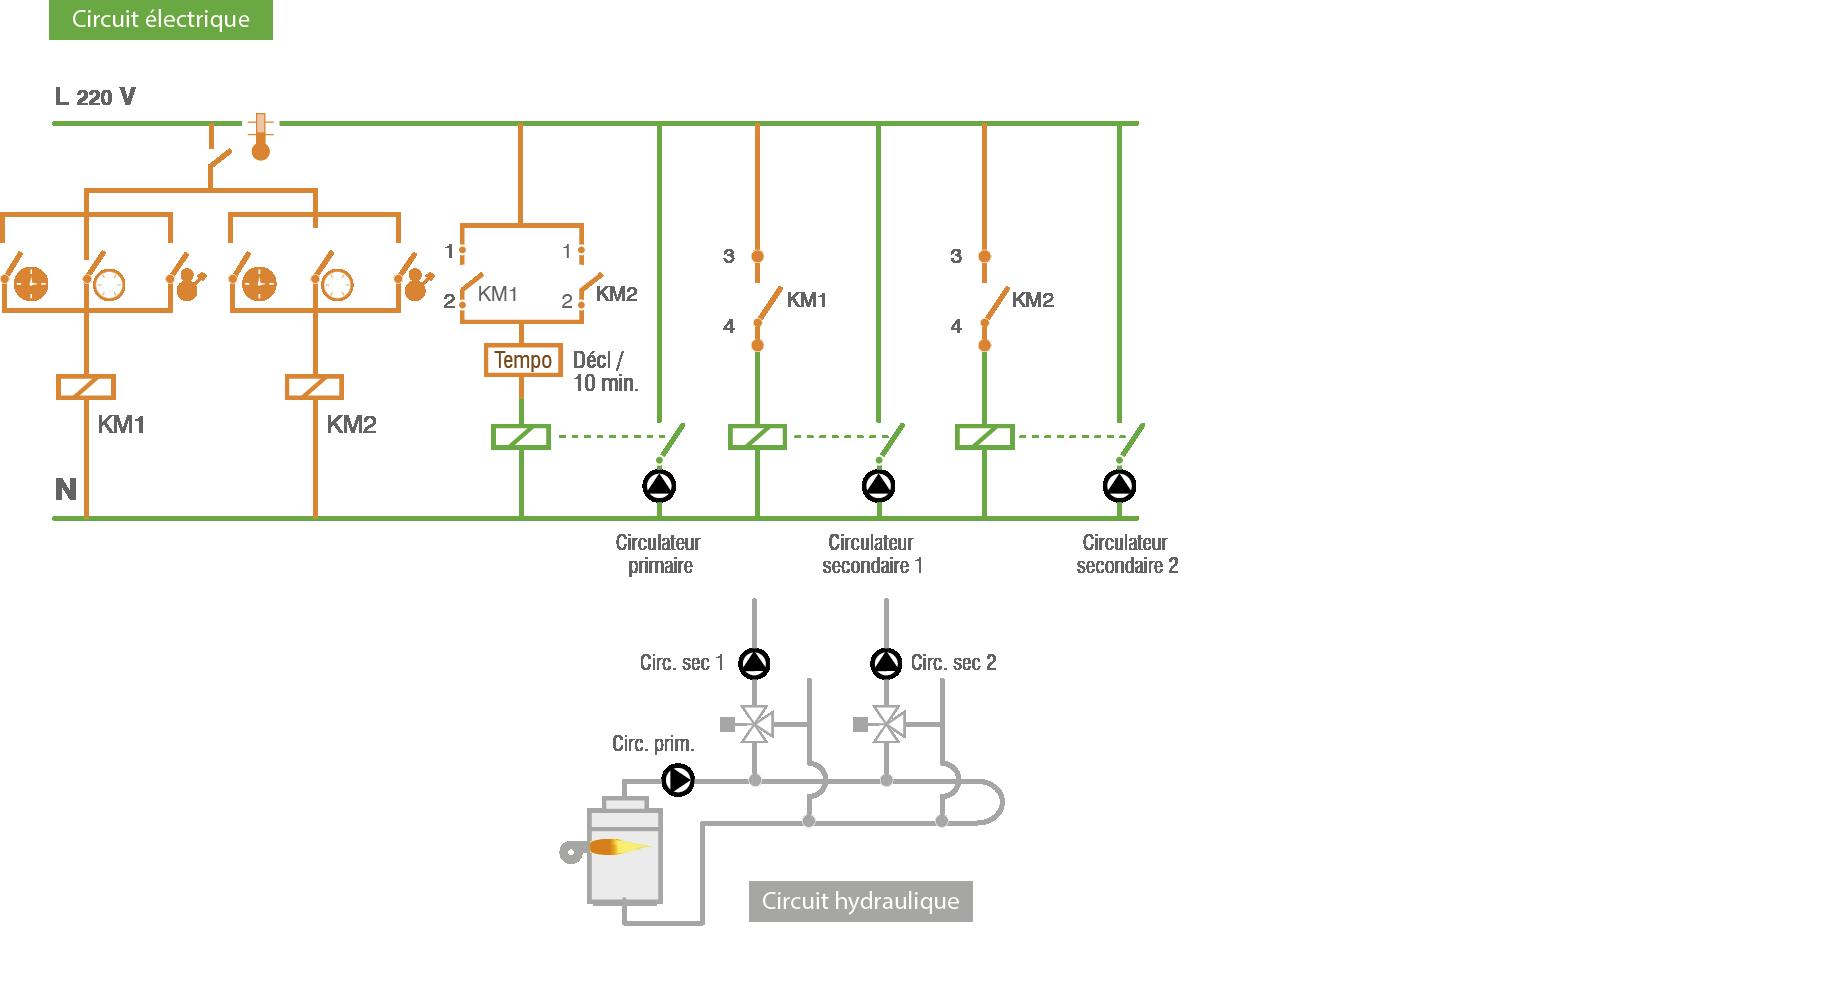 Circuit radiateur electrique fabulous symbole circuit chauffage with circuit radiateur - Symbole radiateur electrique ...